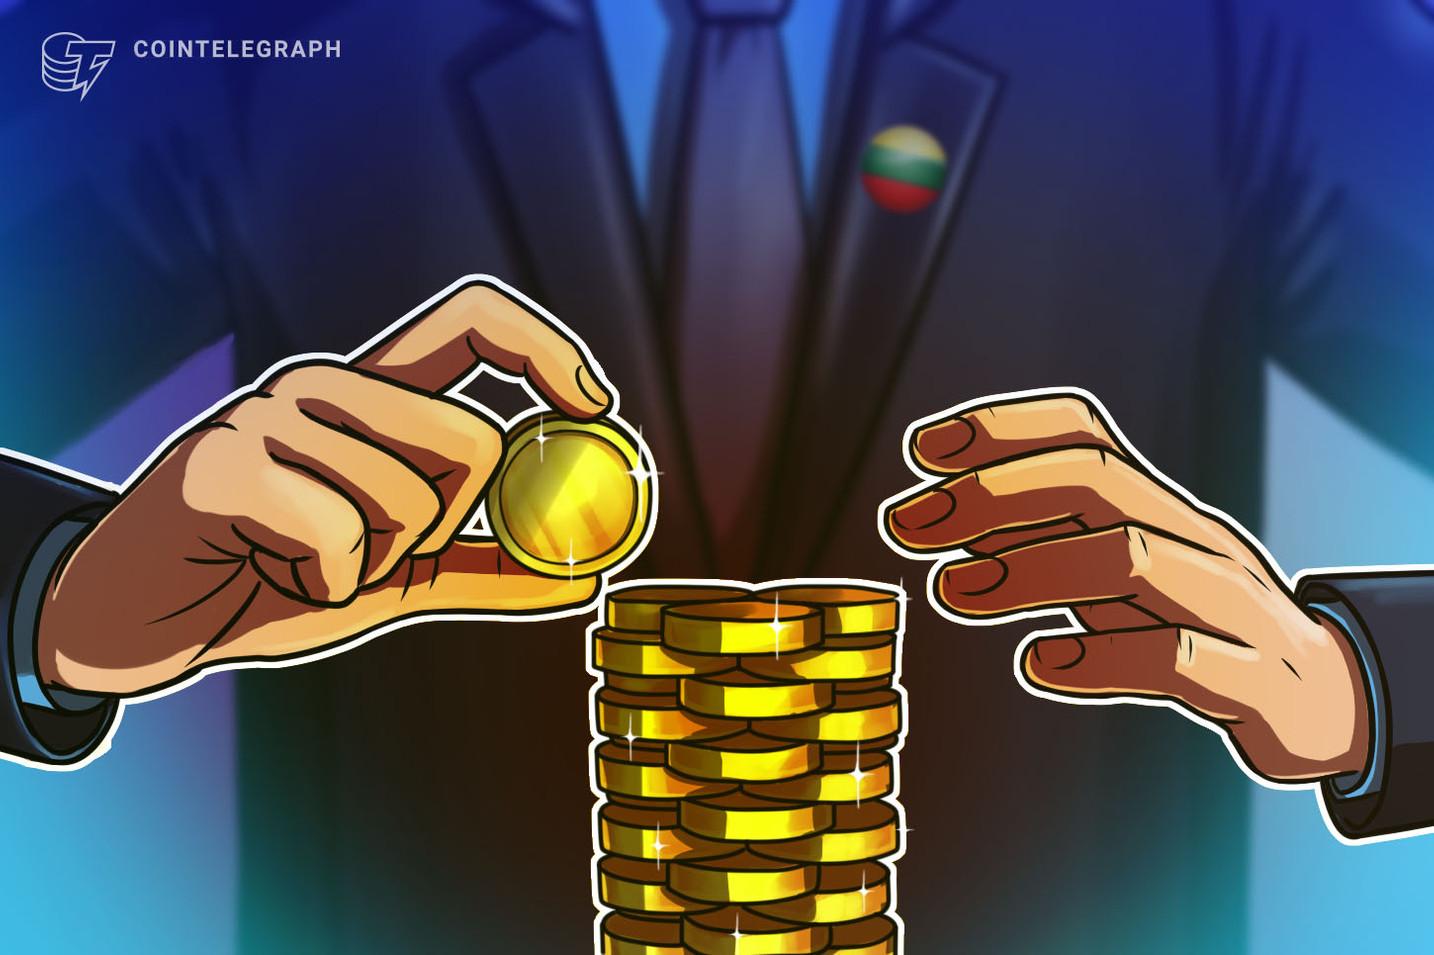 리투아니아 은행, 블록체인 콜렉터 코인 발표